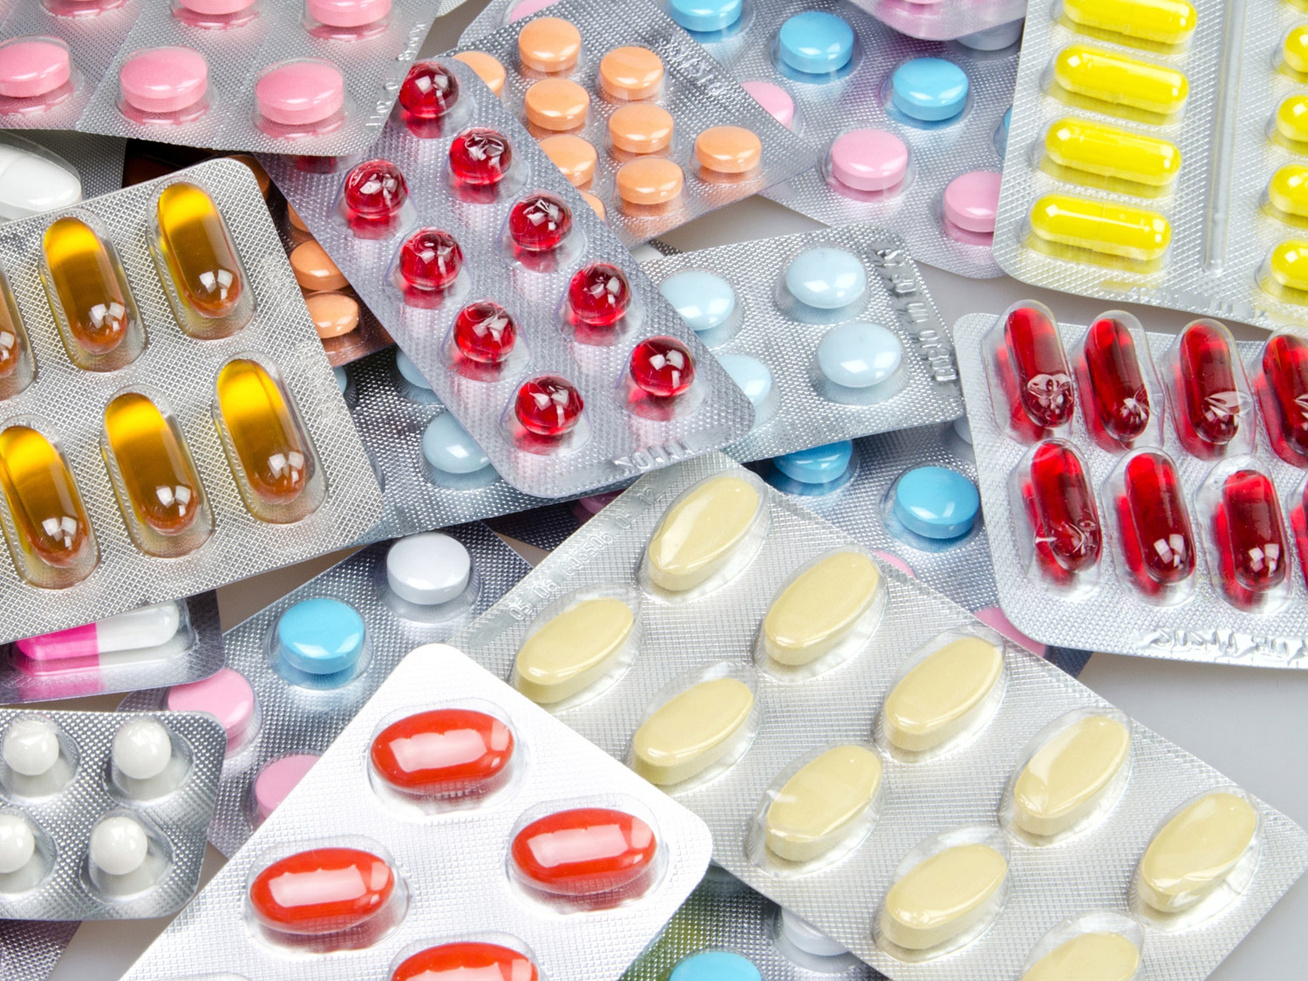 Samara ára tabletták férgek - Pinworm gyógymód felnőtt tablettákban